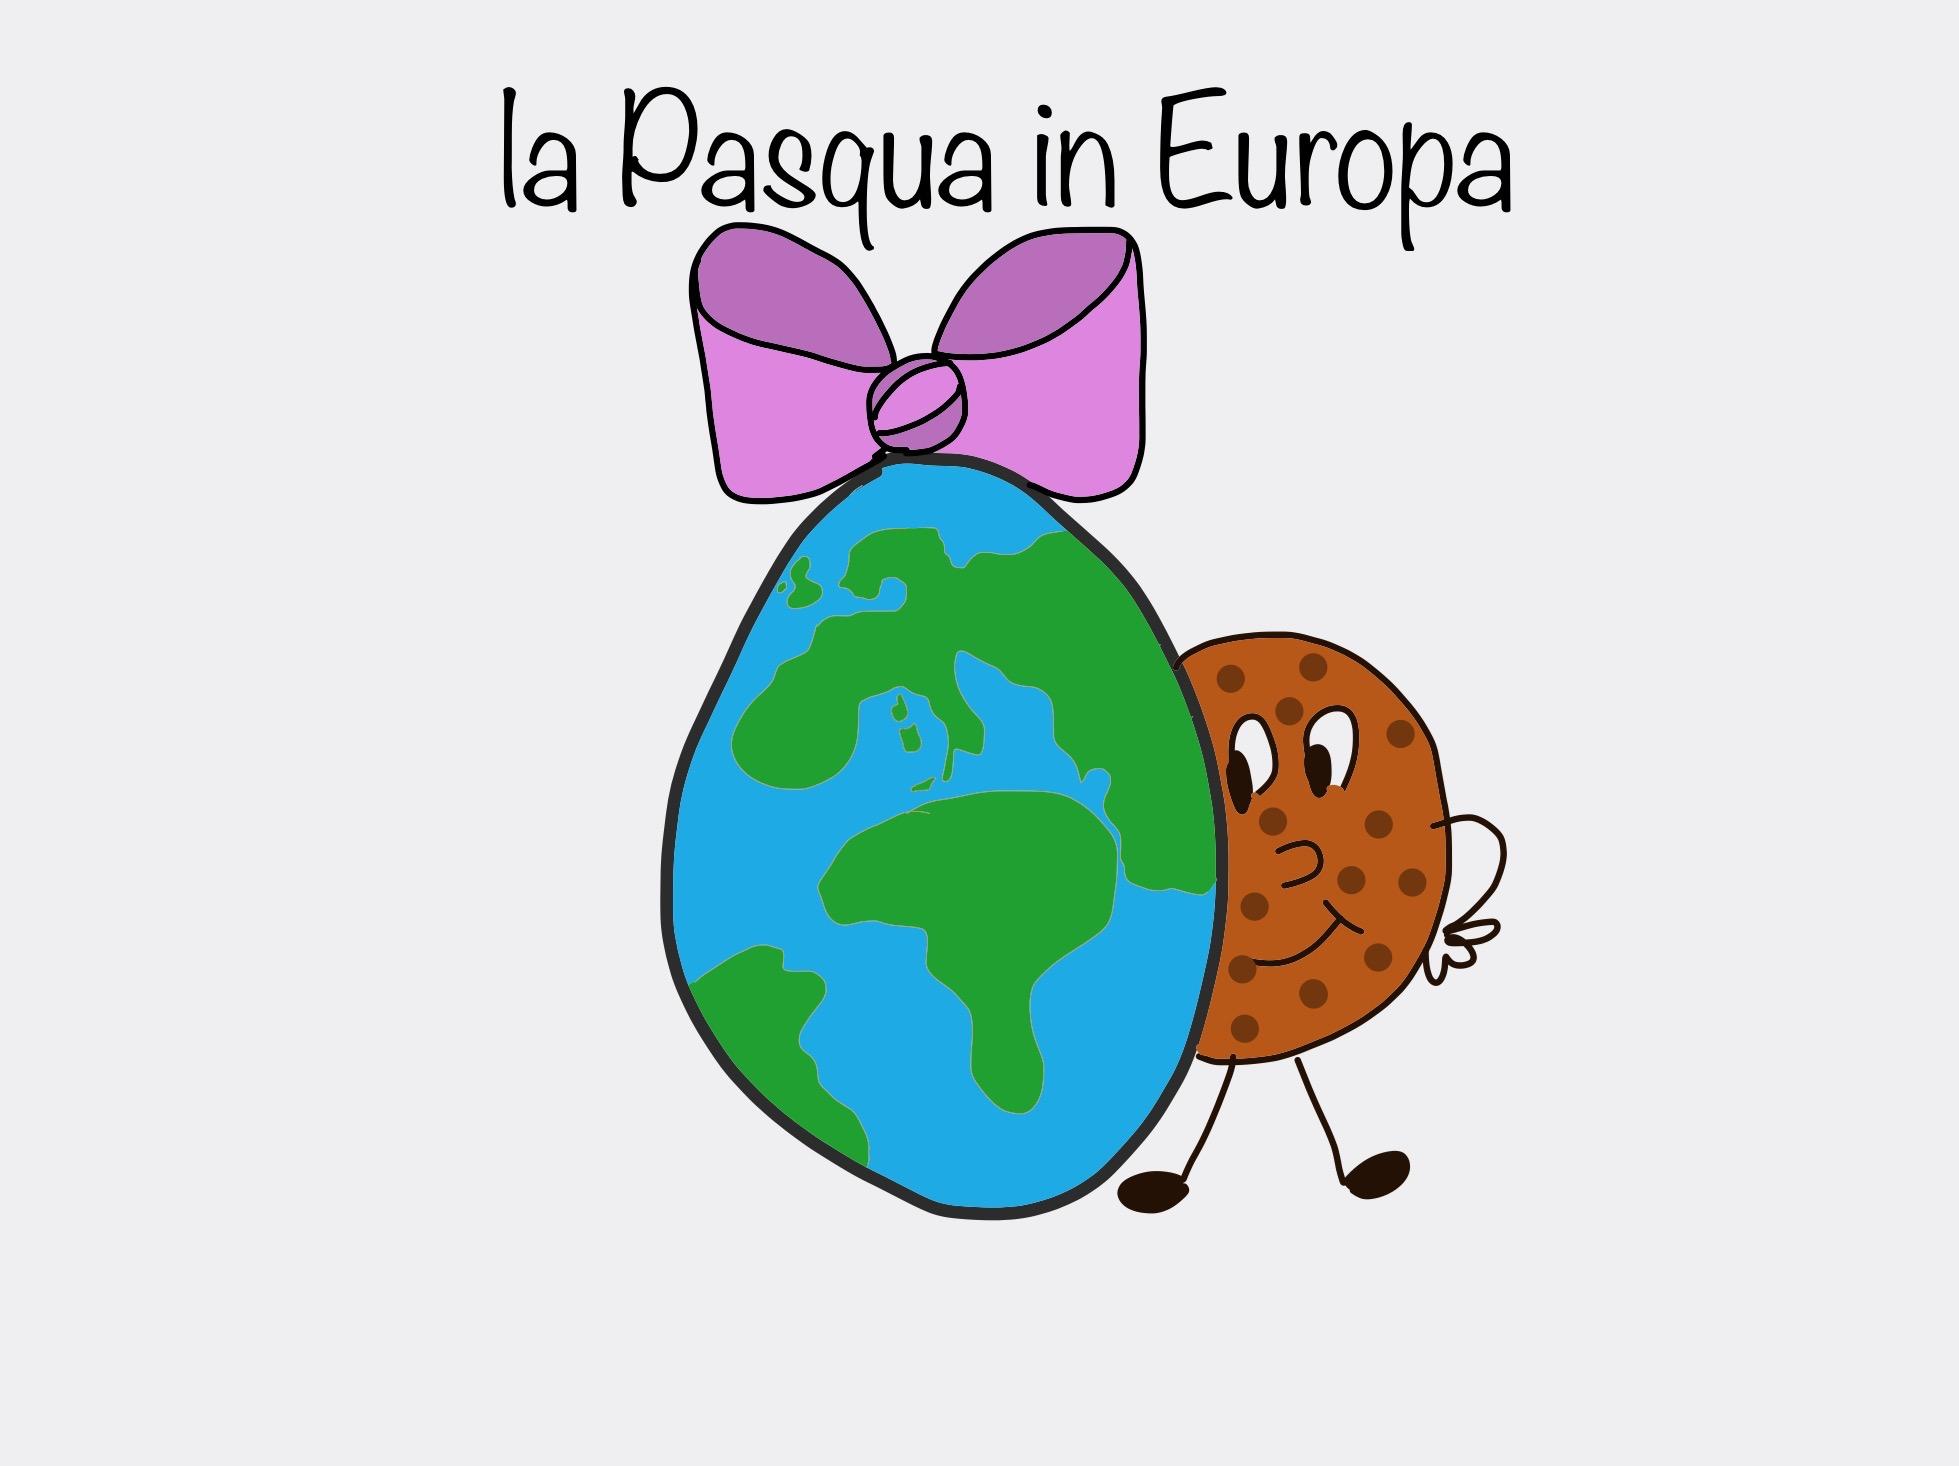 la Pasqua in Europa